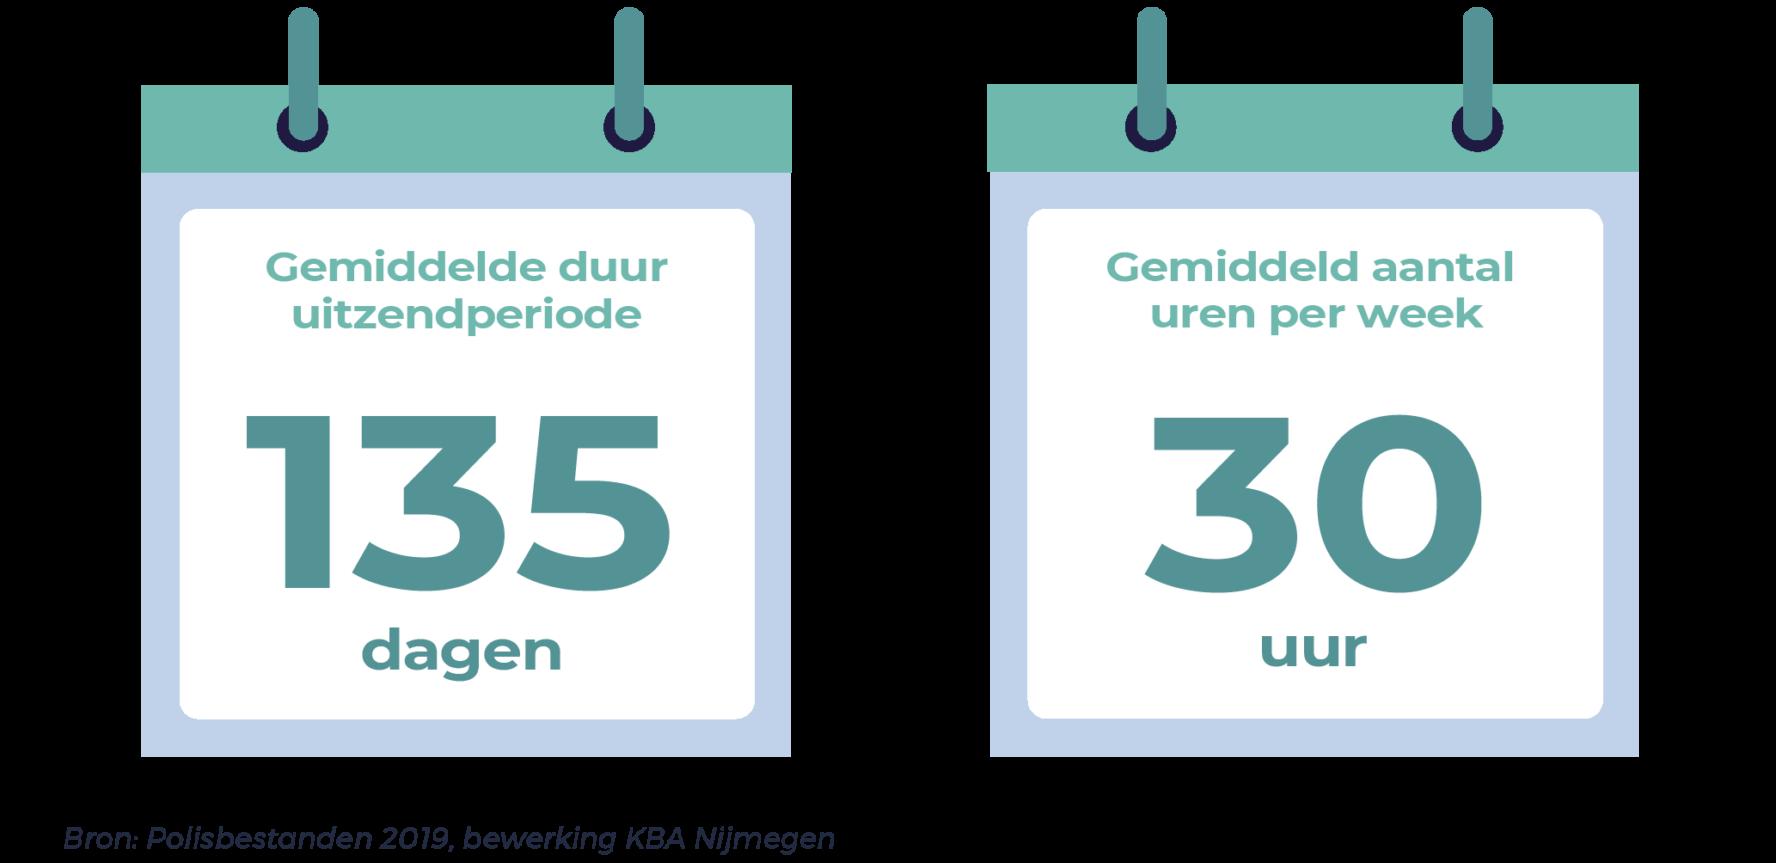 Gemiddelde duur uitzendperiode 135 dagen en gemiddeld aantal uren per week 30 uur.